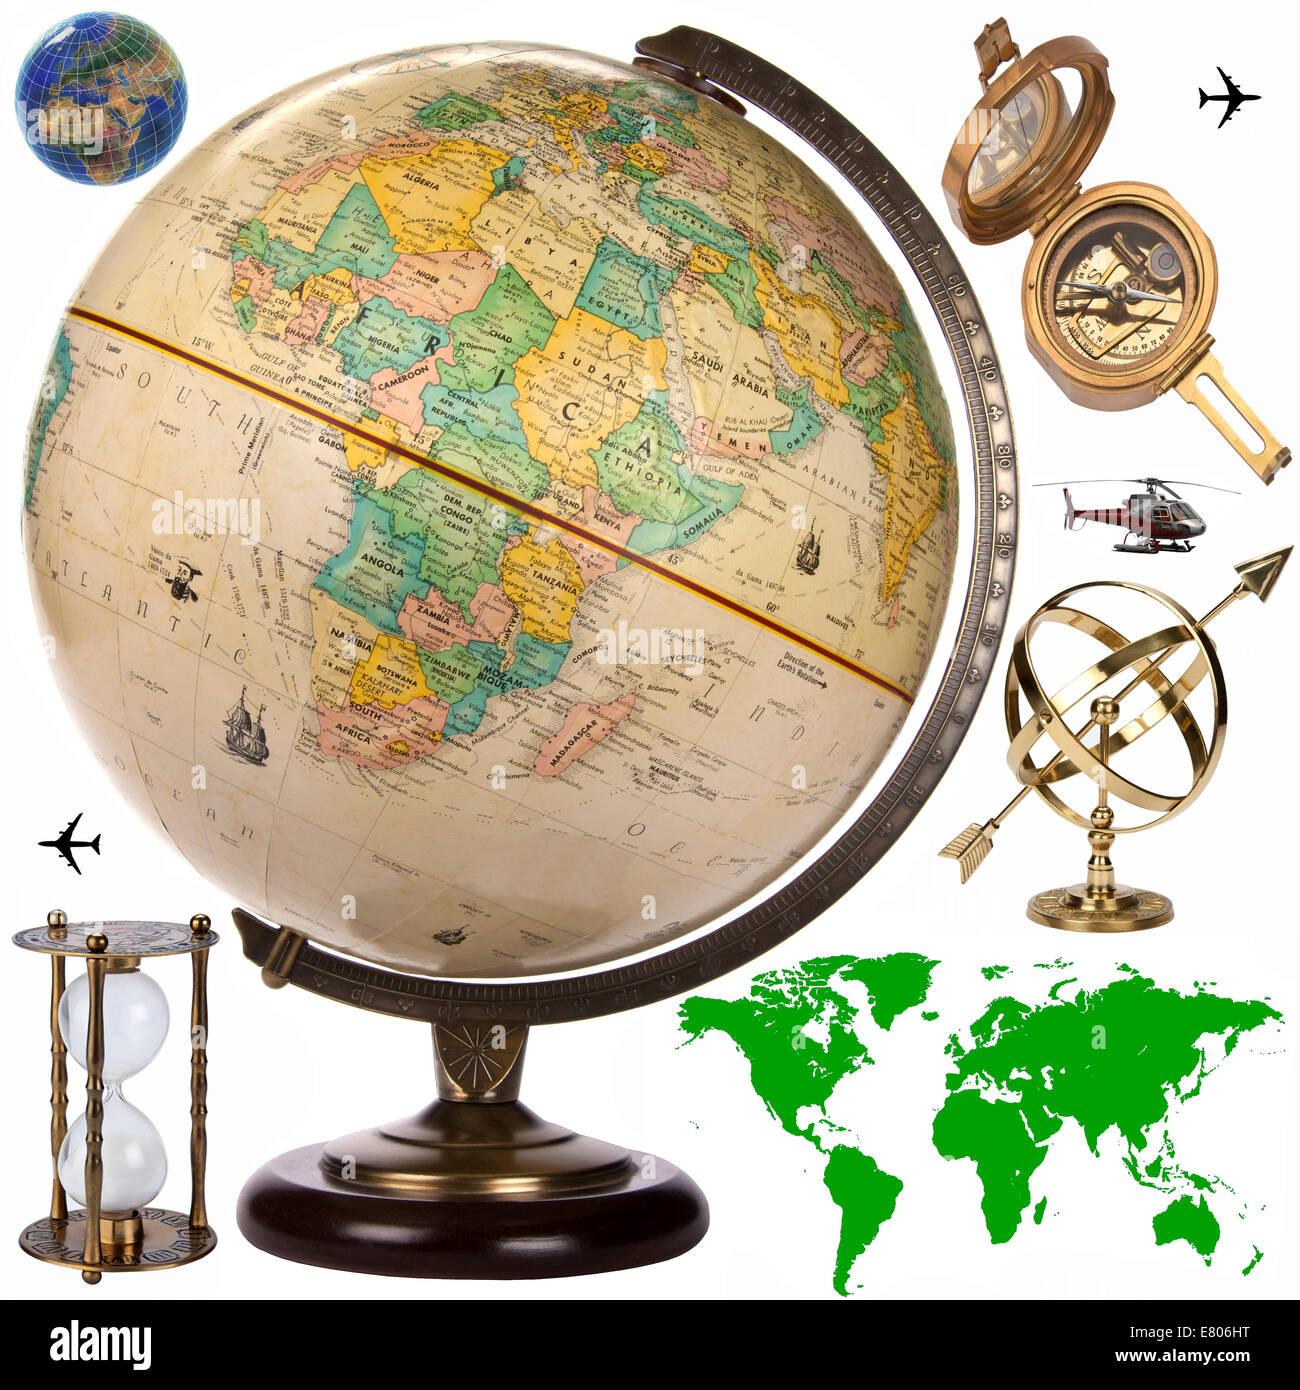 Landkarte, Globe und Reisen Objekte für Ausschnitt Stockbild